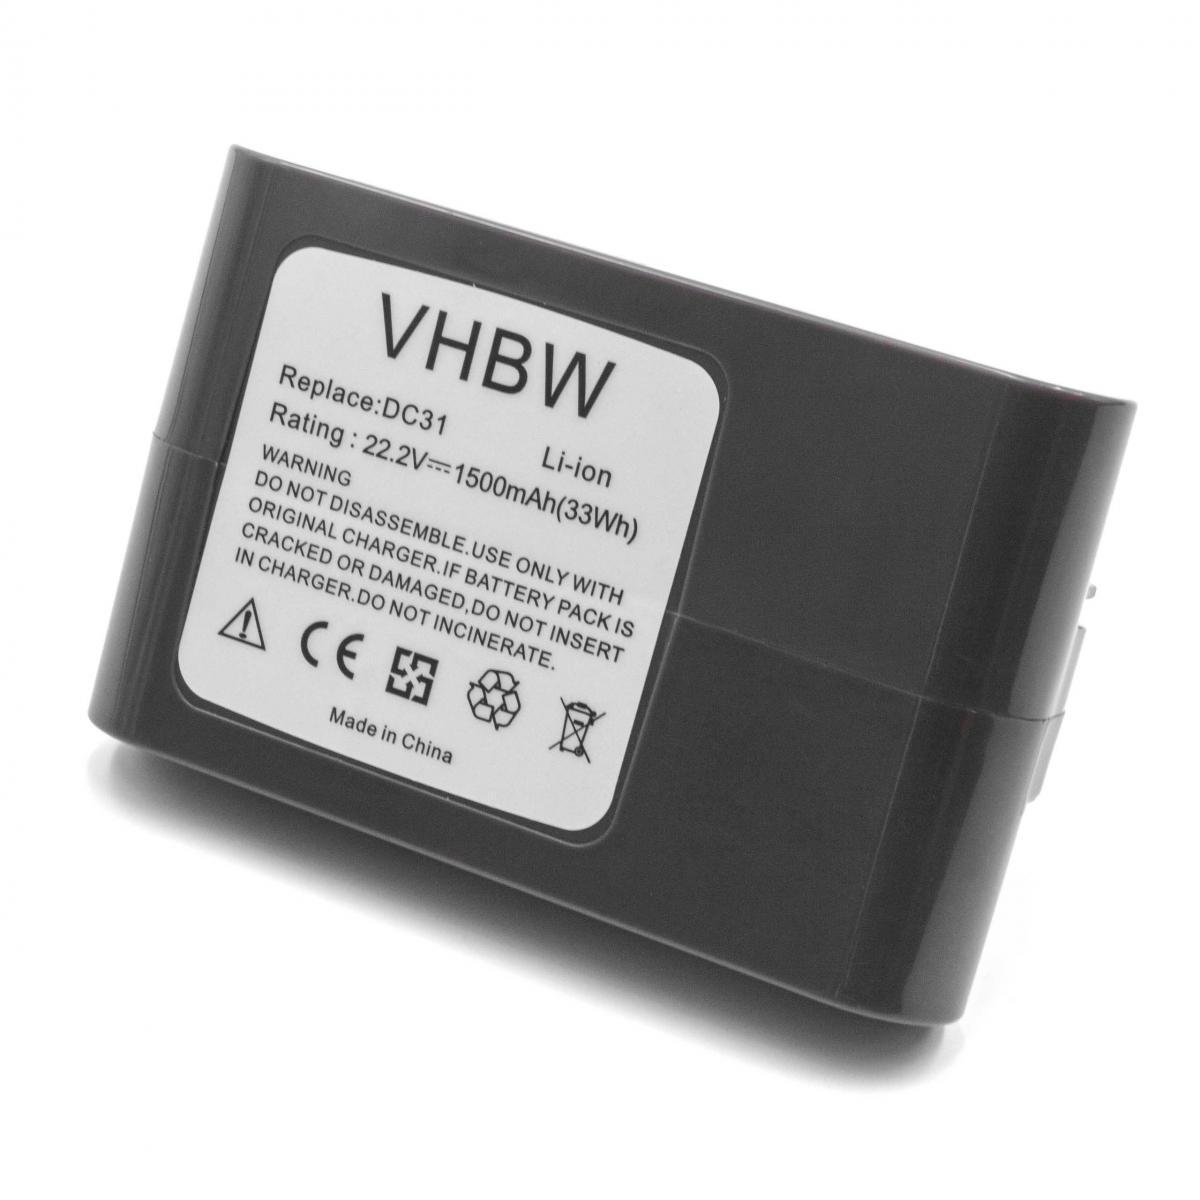 Vhbw vhbw Li-Ion batterie 1500mAh (22.2V) gris pour aspirateur robots domestiques Dyson DC43, DC43h Animal Pro, DC45, DC45 An